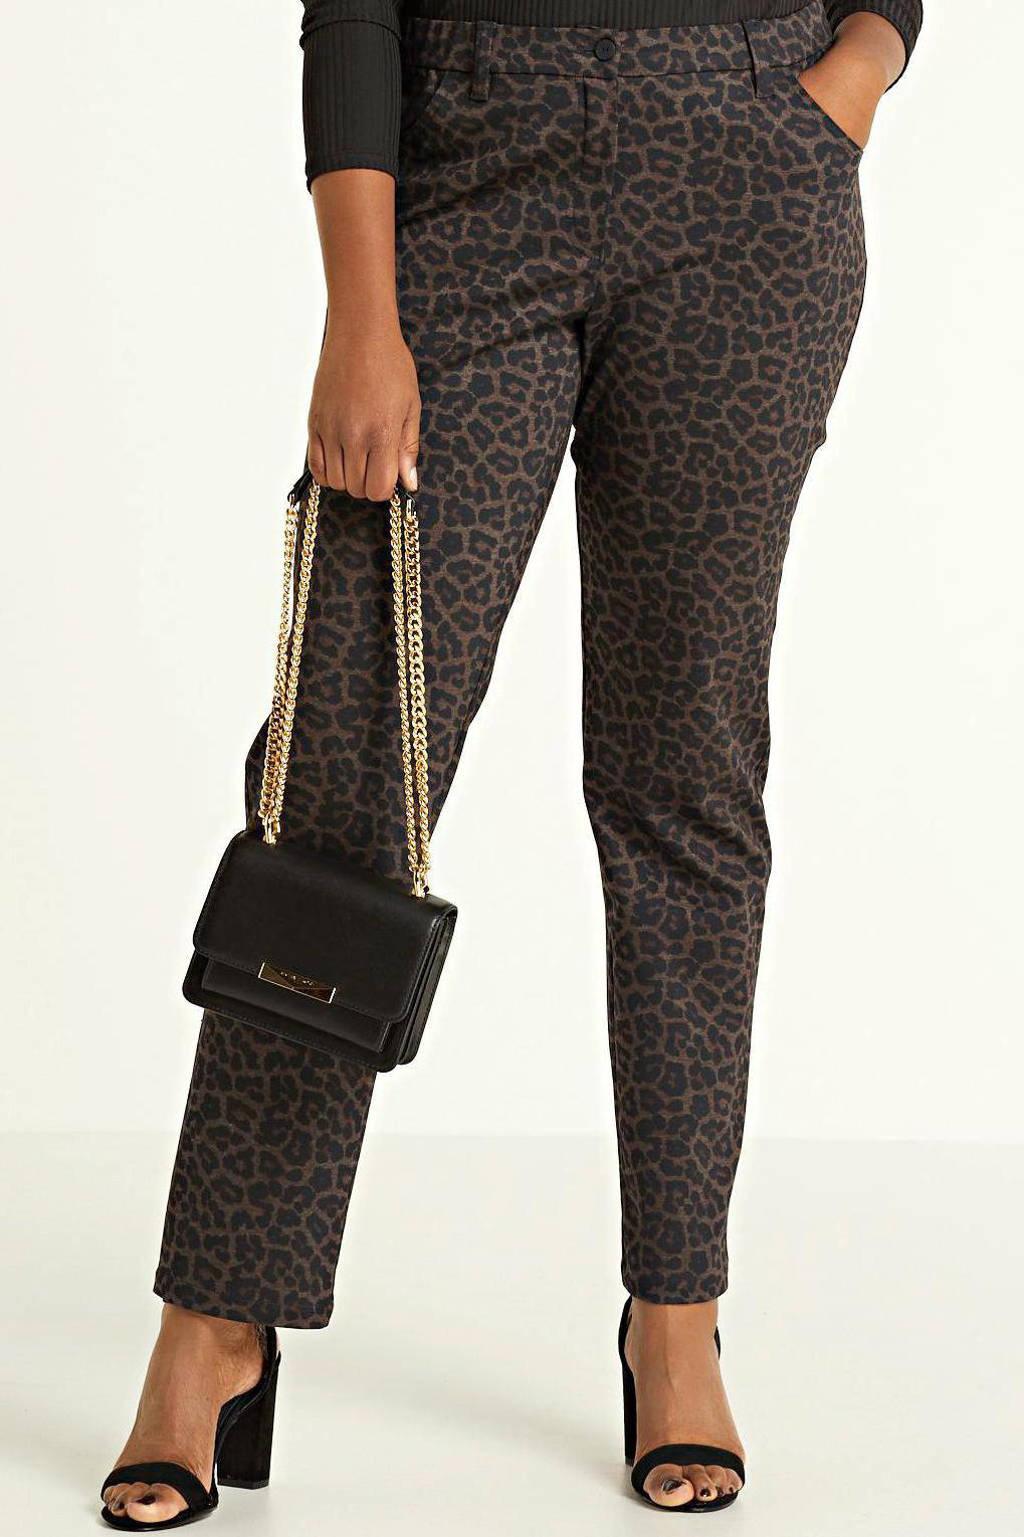 KjBRAND skinny jeans panterprint zwart, 515 leo print